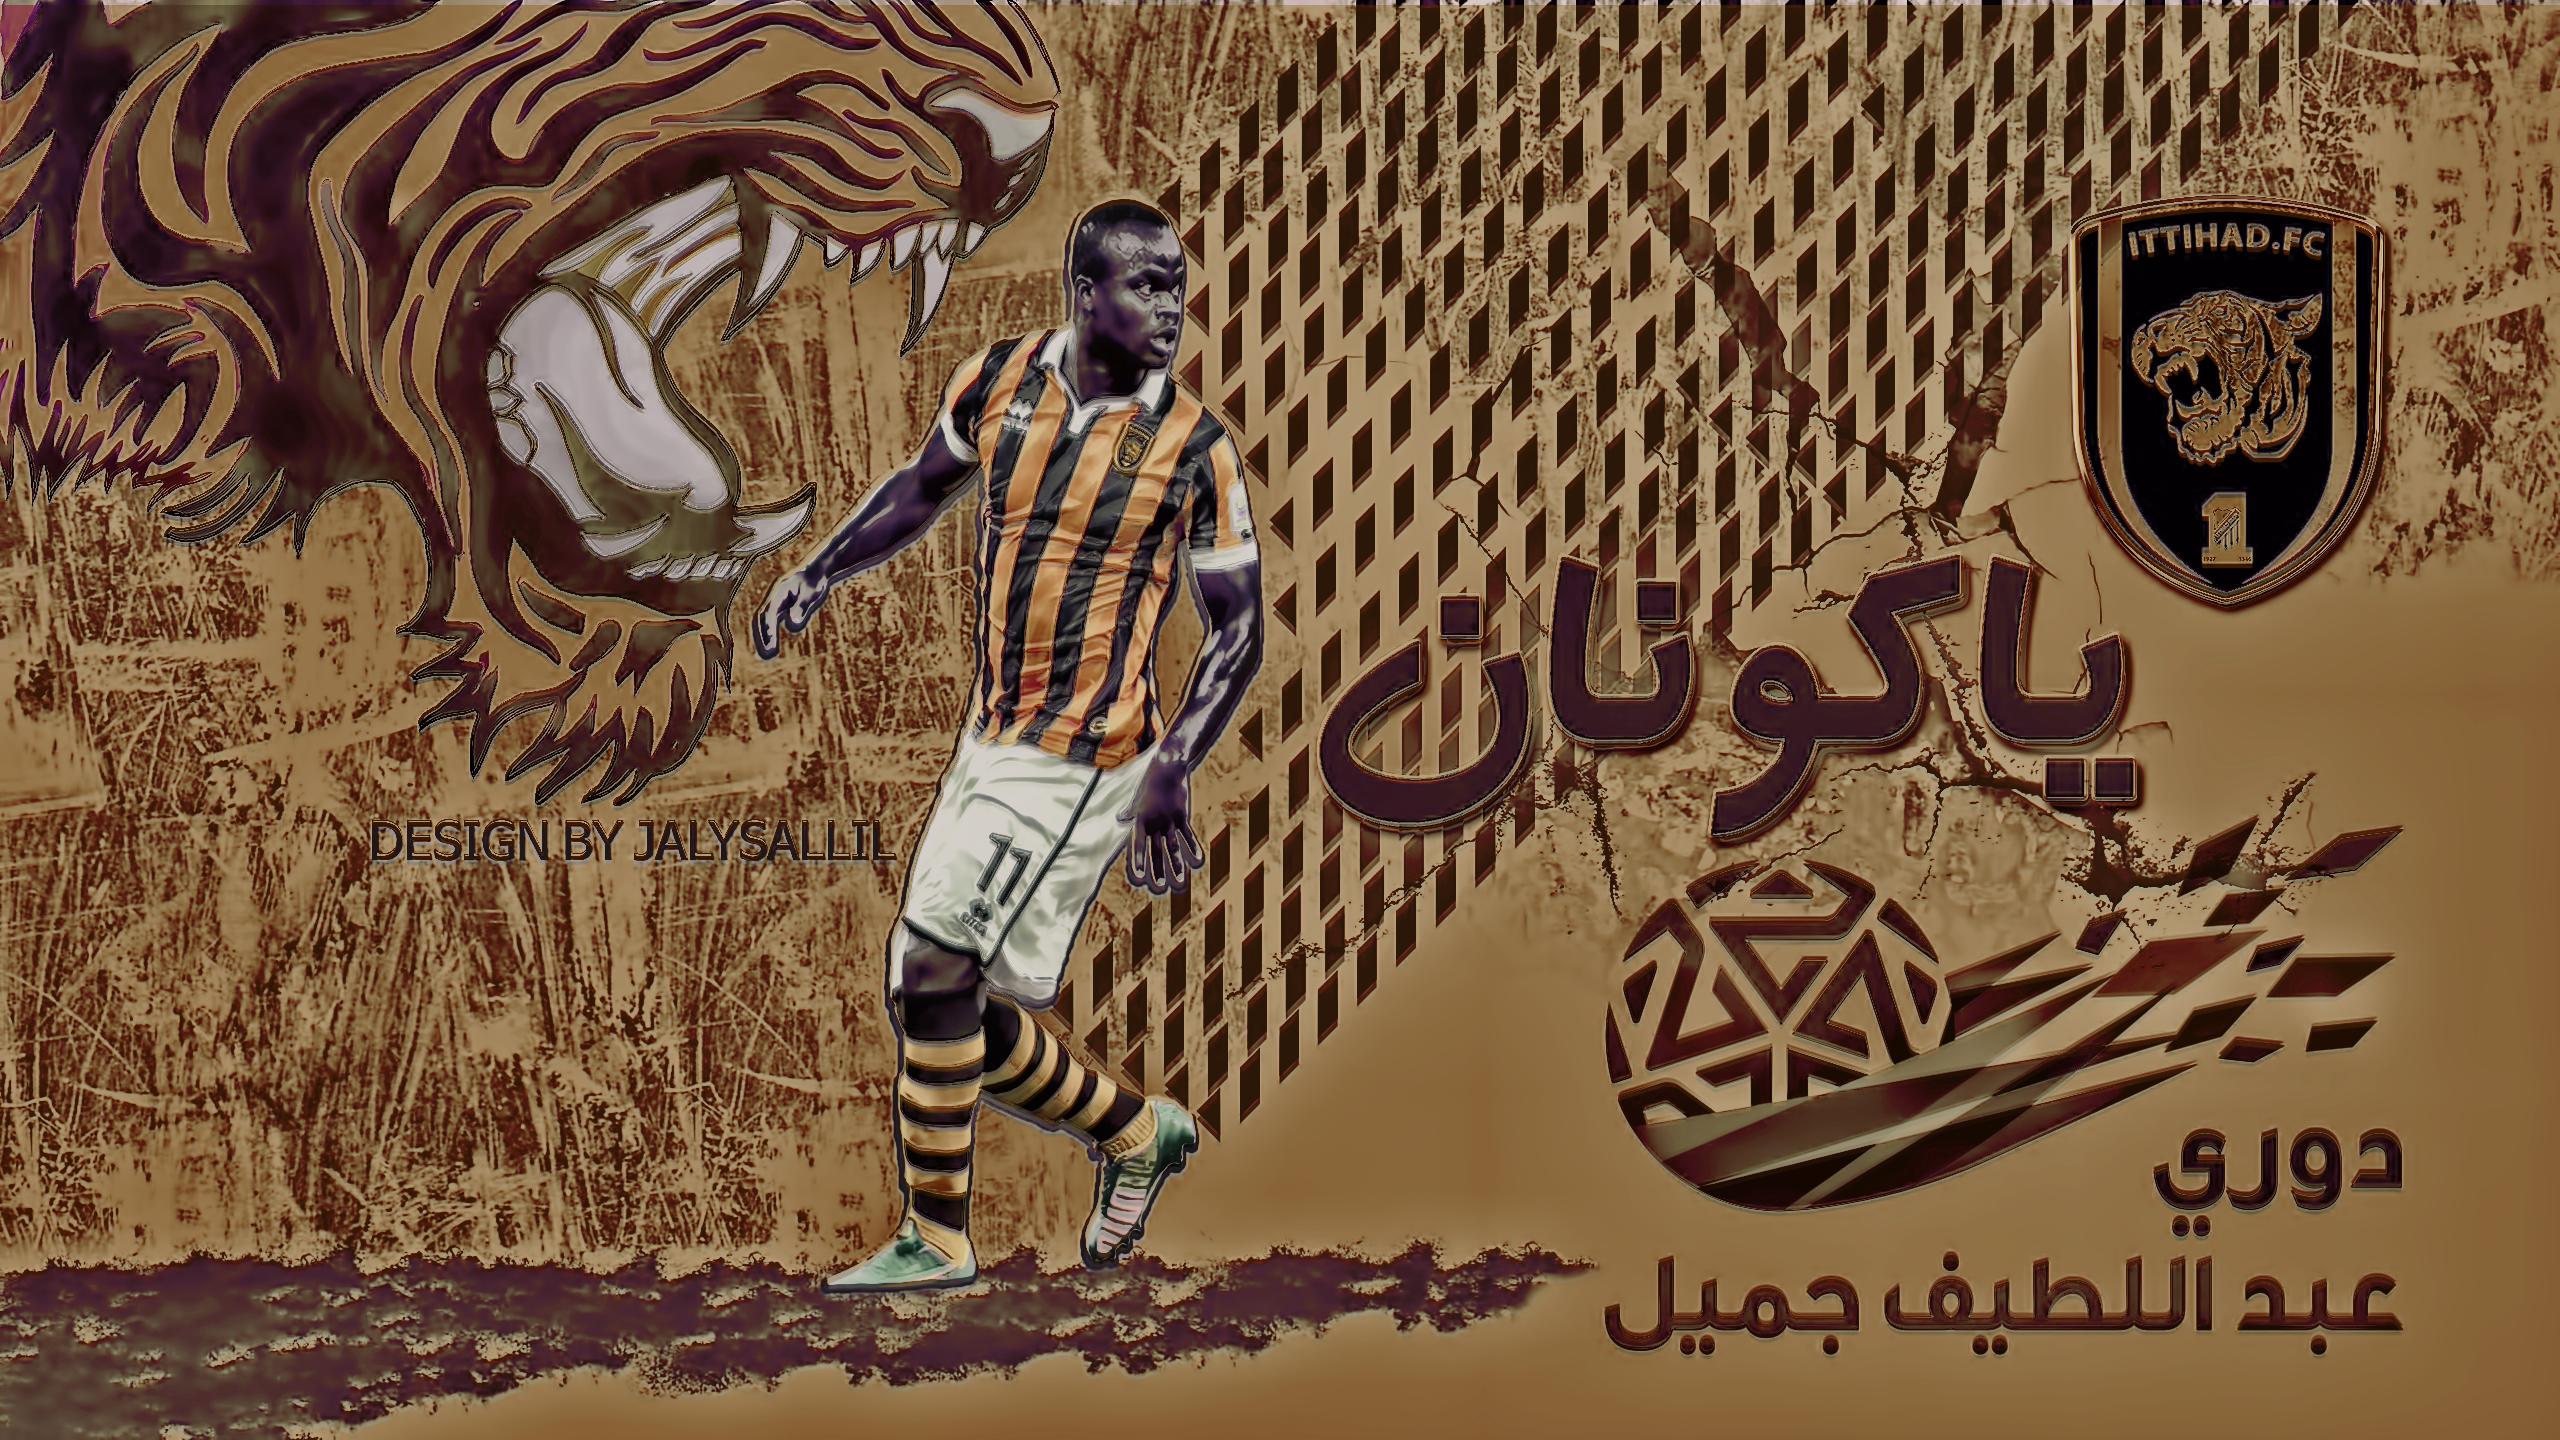 ياكونان لاعب نادي الاتحاد السعودي